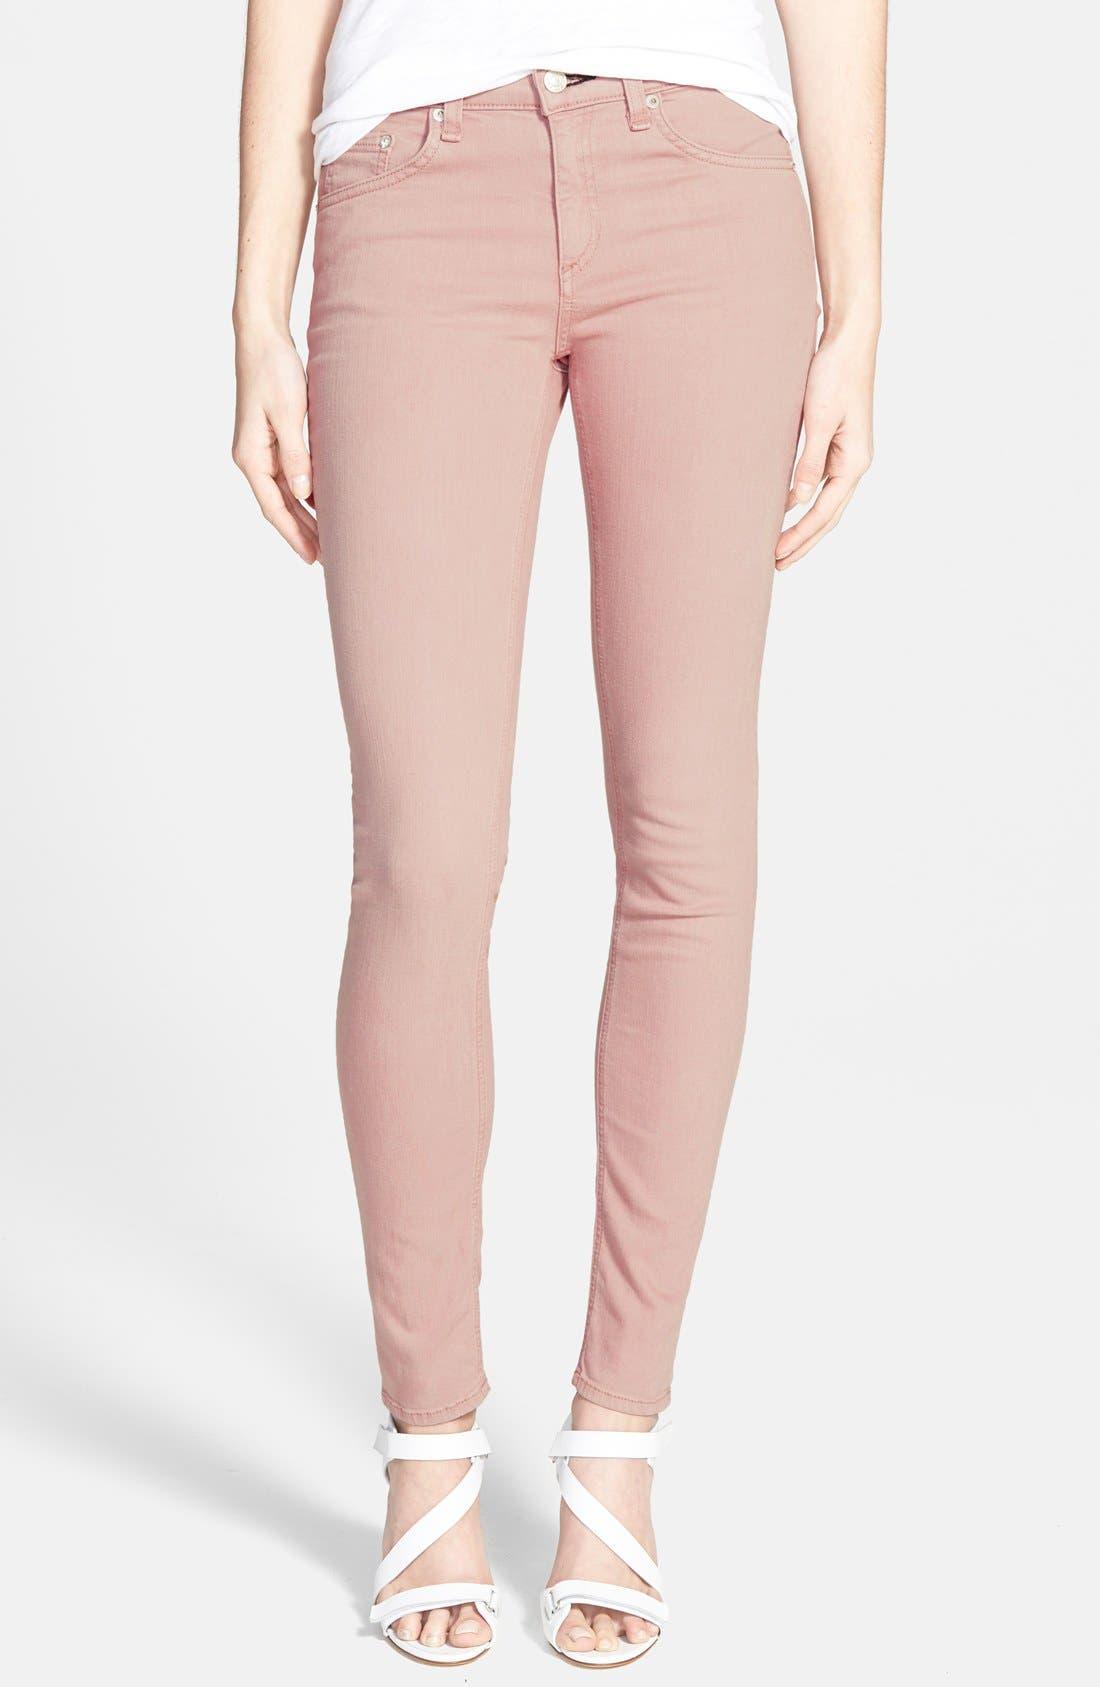 Main Image - rag & bone/JEAN 'The Skinny' Stretch Skinny Jeans (Rose)